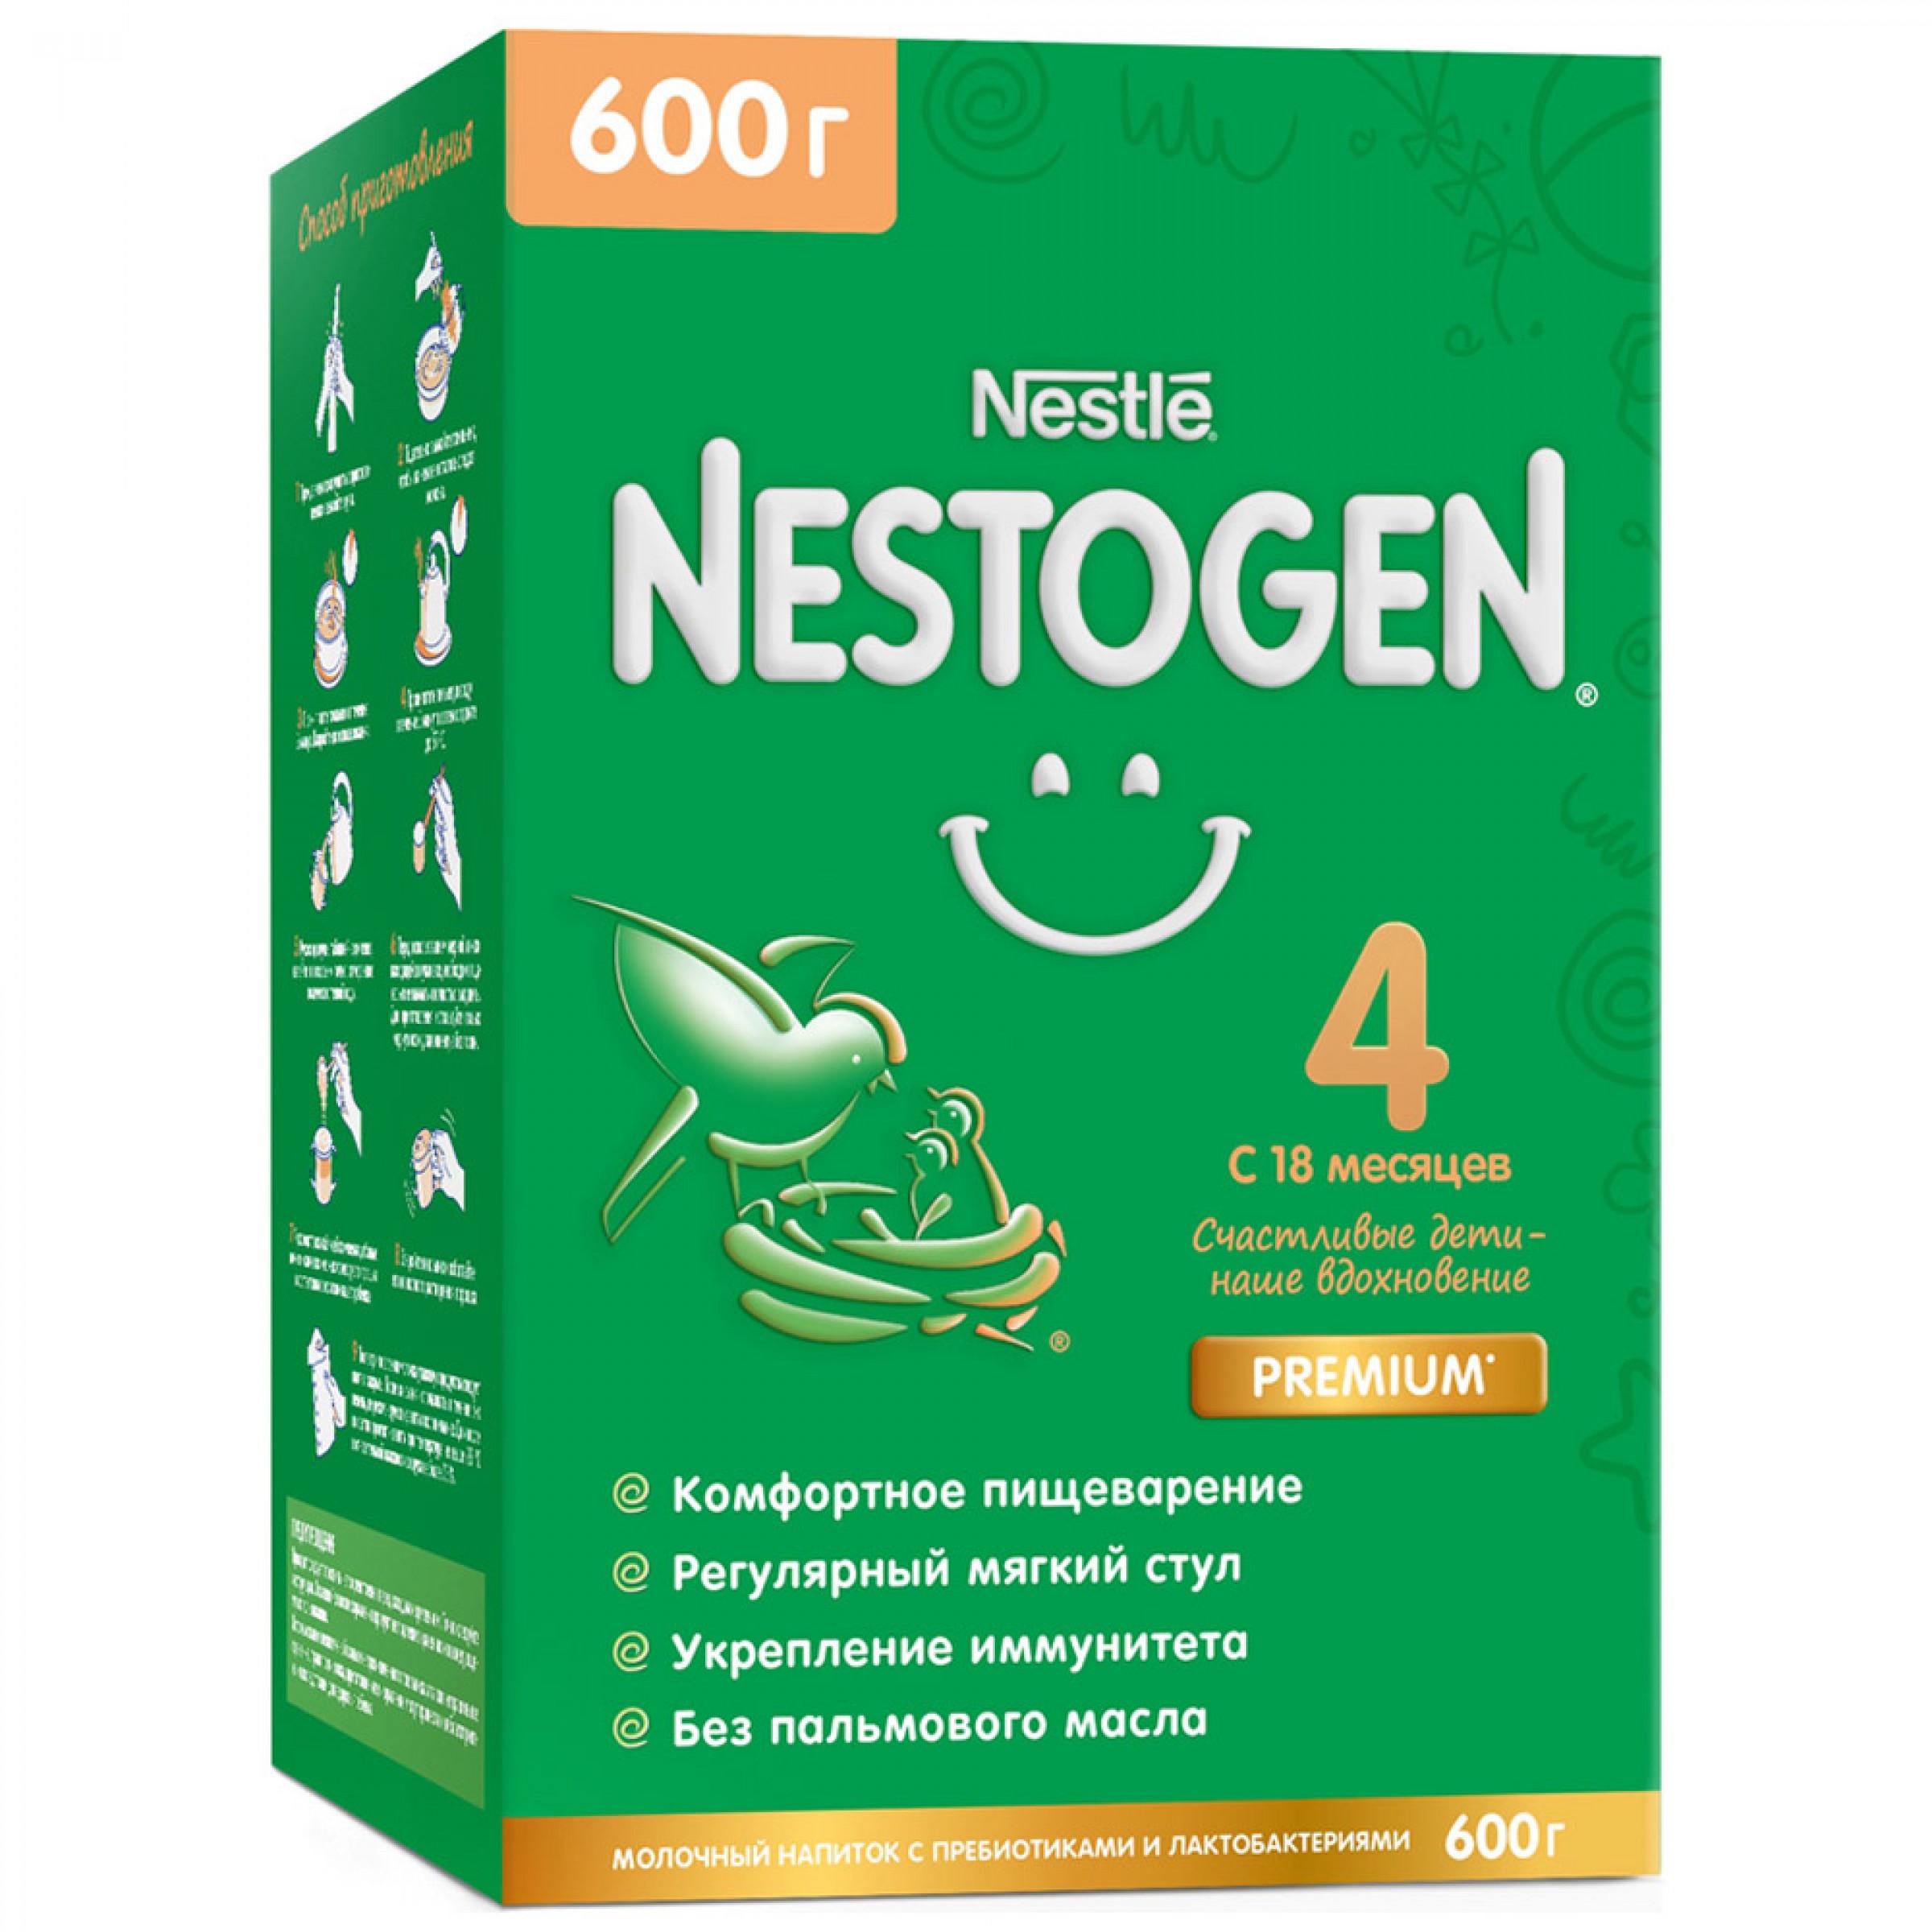 Смесь молочная с пребиотиками и лактобактериями с 18 месяцев Nes